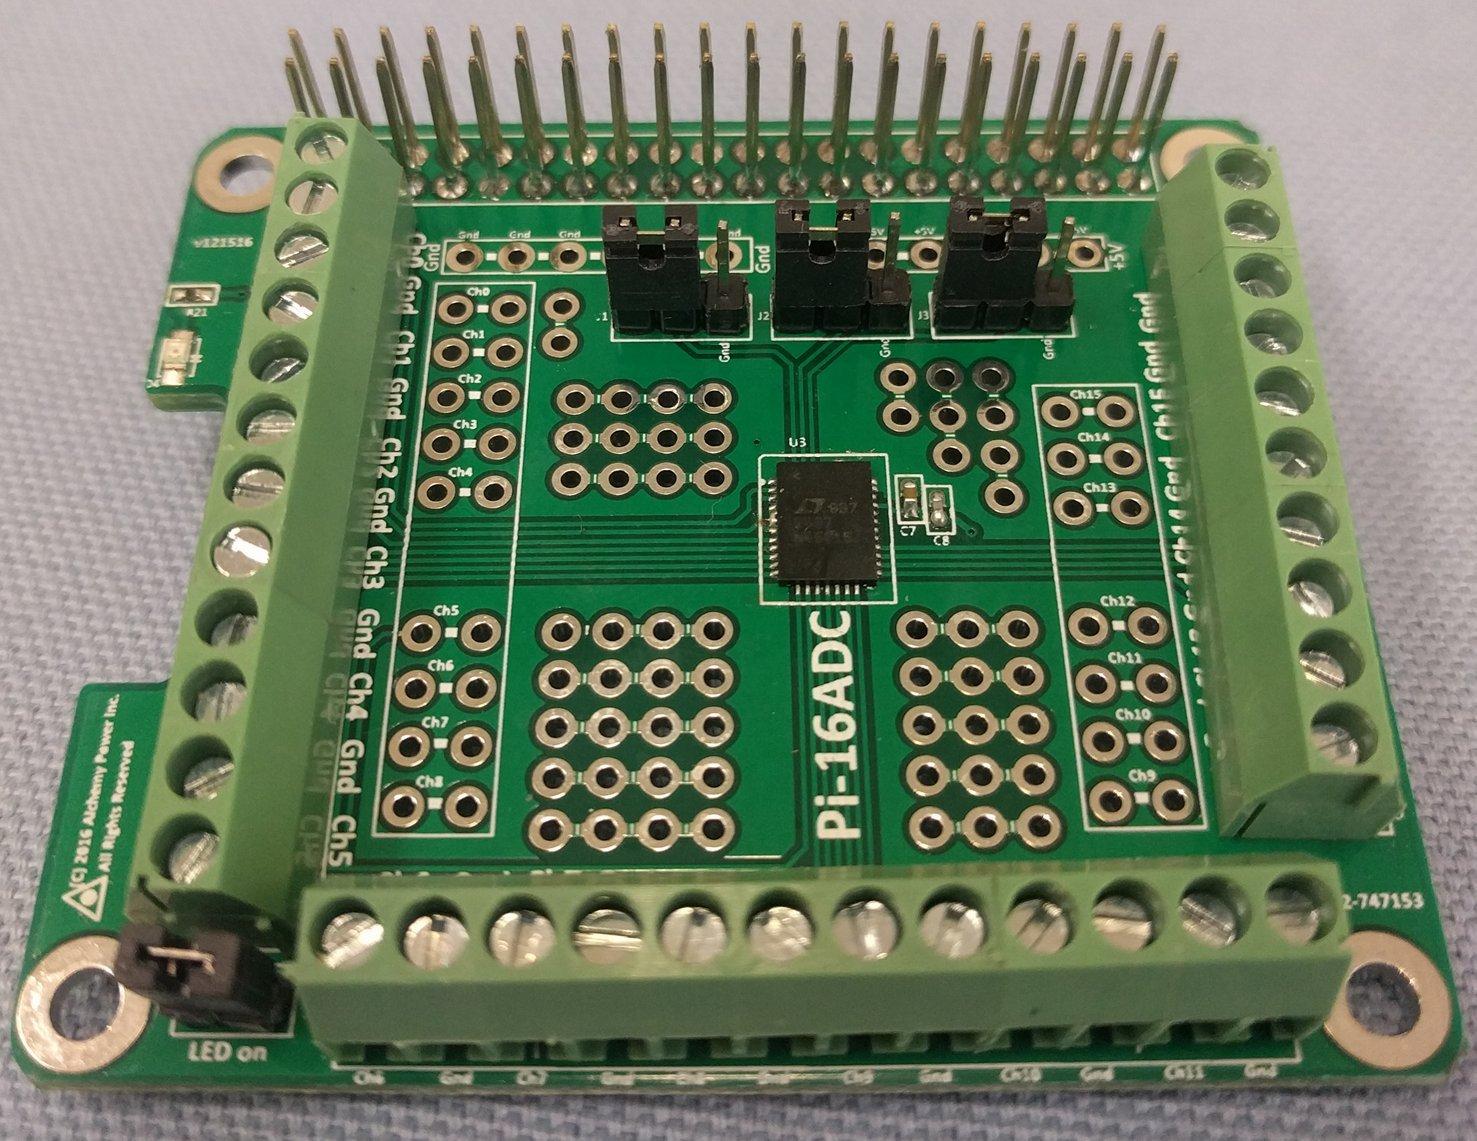 Alchemy Power Inc. Pi-16ADC. 16 channel, 16 bit Analog to Digital Converter (ADC) for Raspberry Pi by Alchemy Power Inc. TM